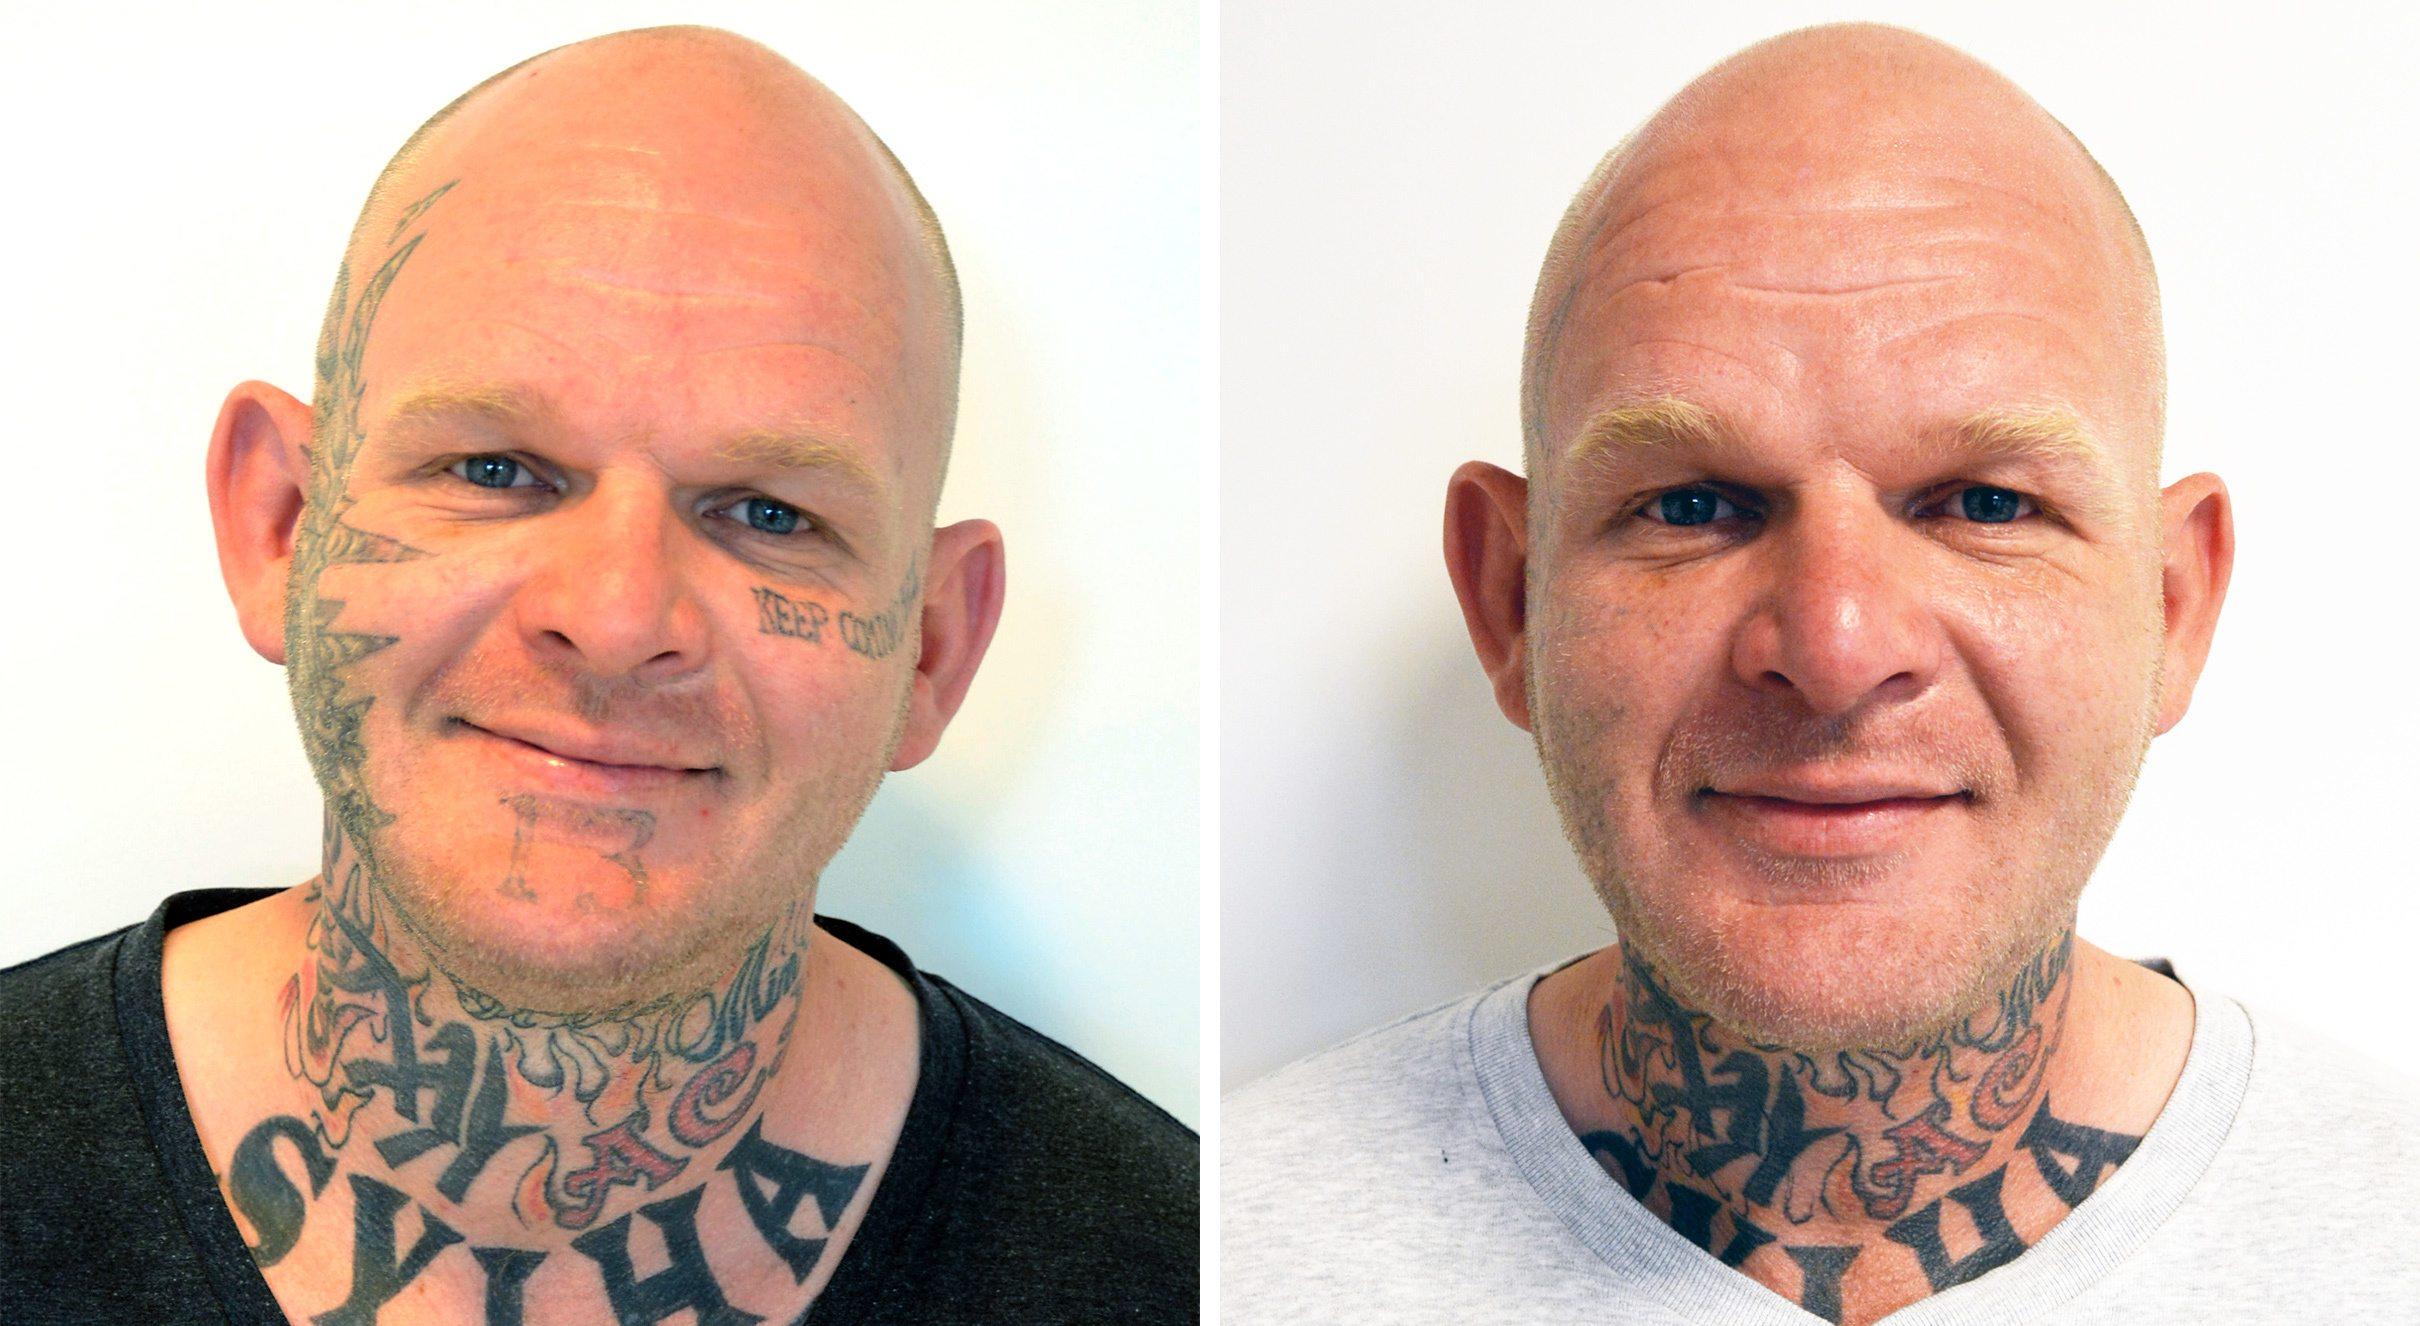 Ansigt forfra før og efter tatoveringsfjernelse